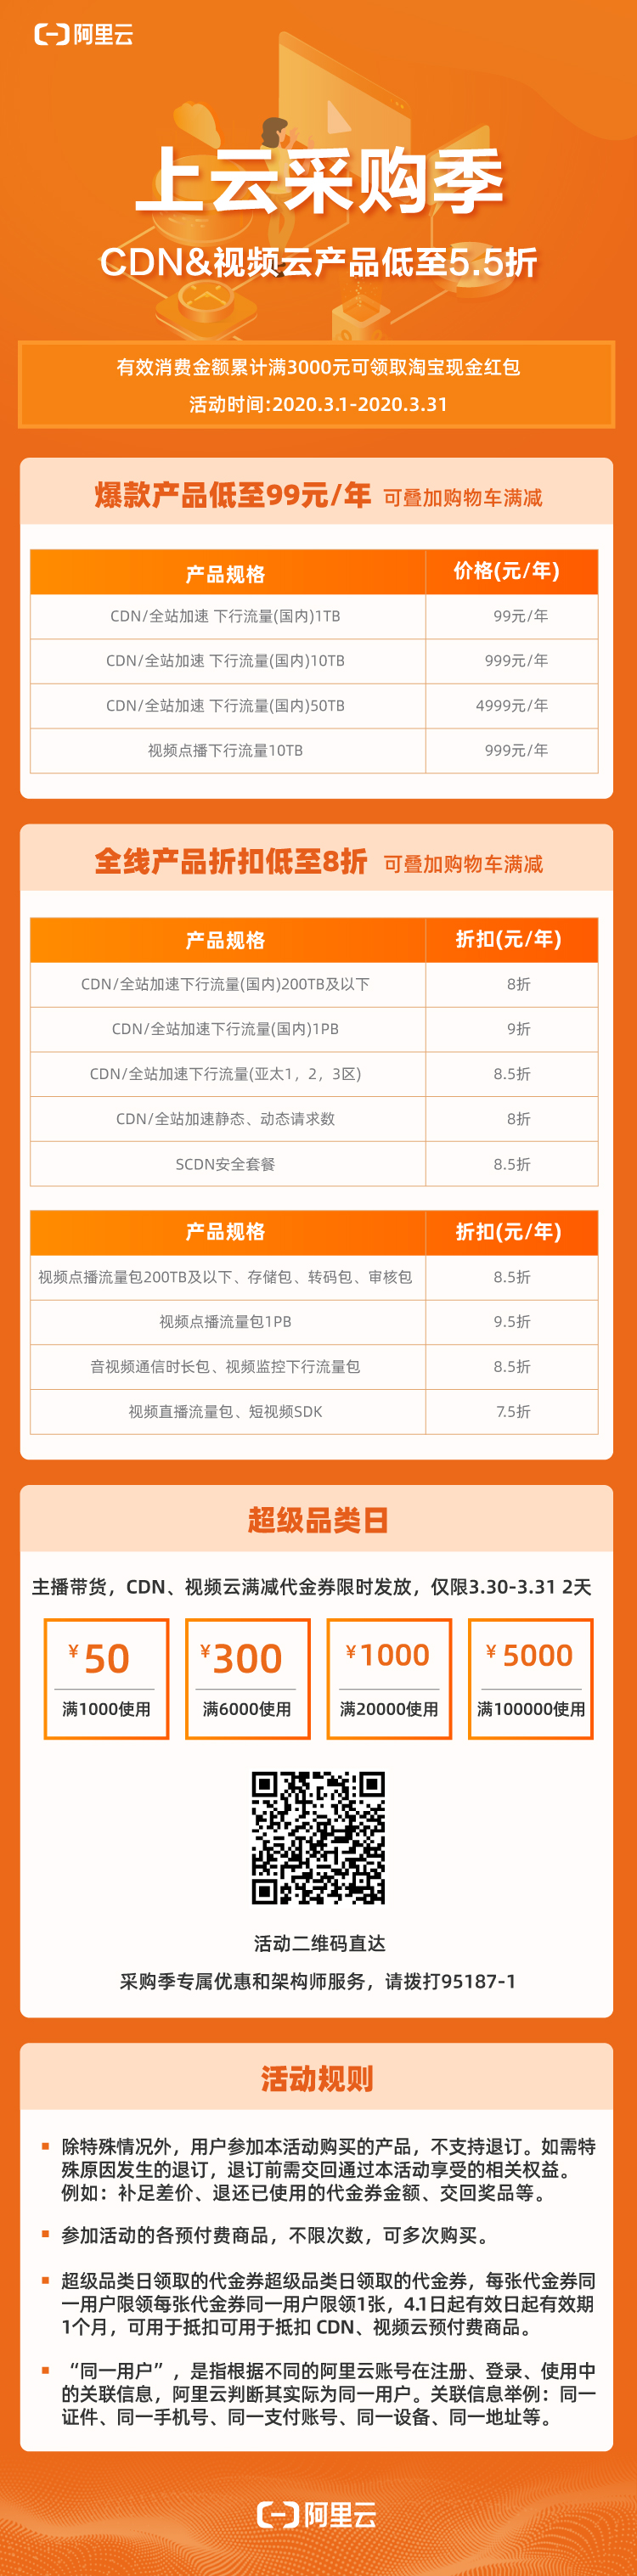 FY20采购季CDN&视频云策略.jpg